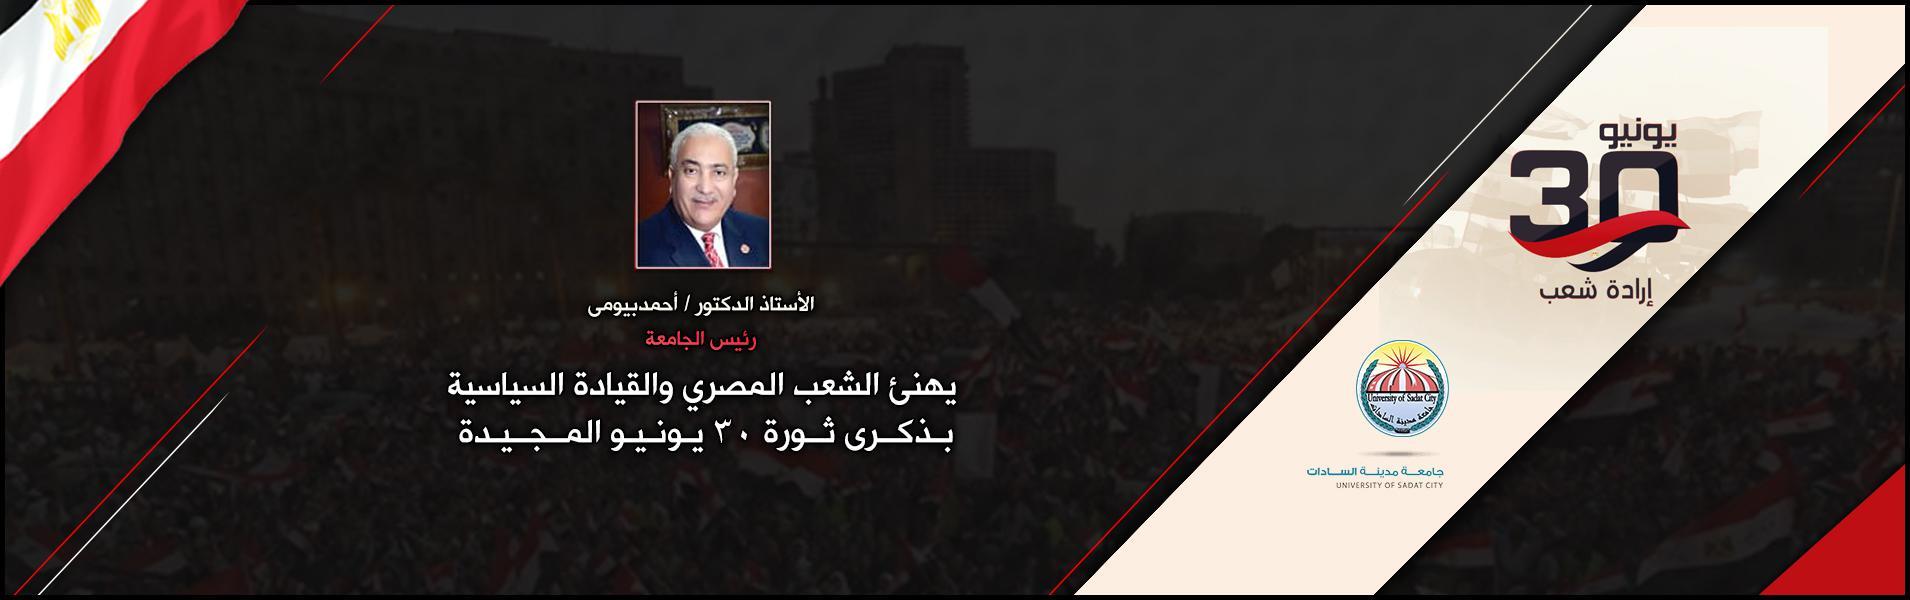 رئيس الجامعة يهنئ الشعب المصري والقيادة السياسية بذكرى ثورة 30 يونيو